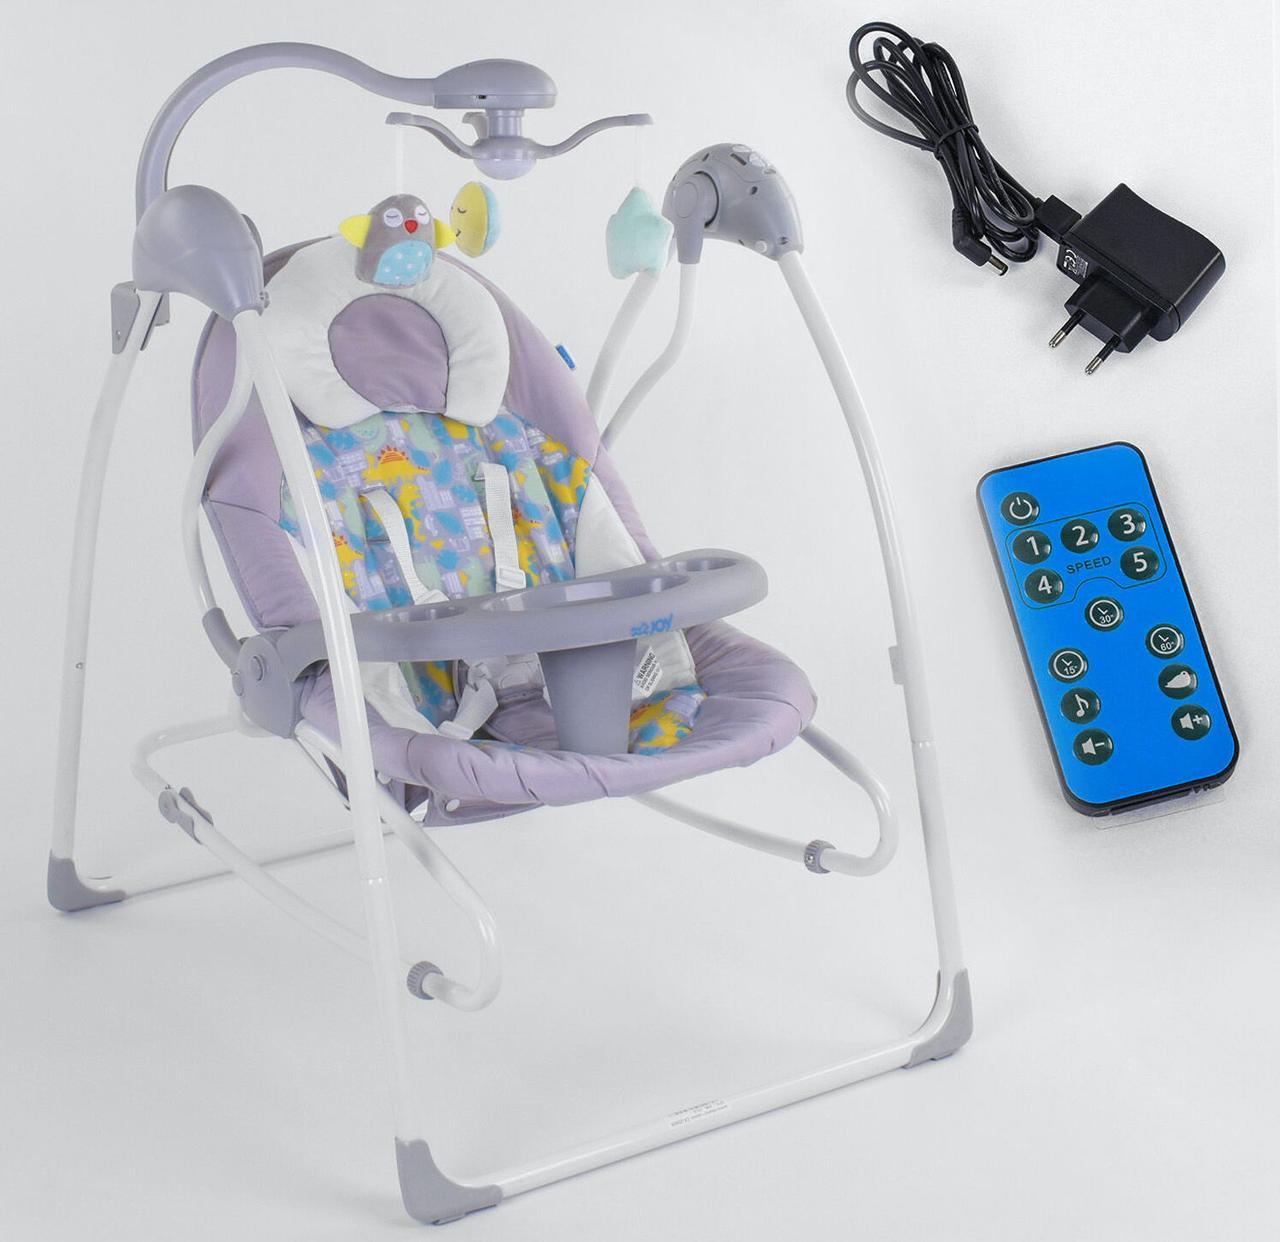 Электронные качели 3в1 для детей СХ-25405 JOY